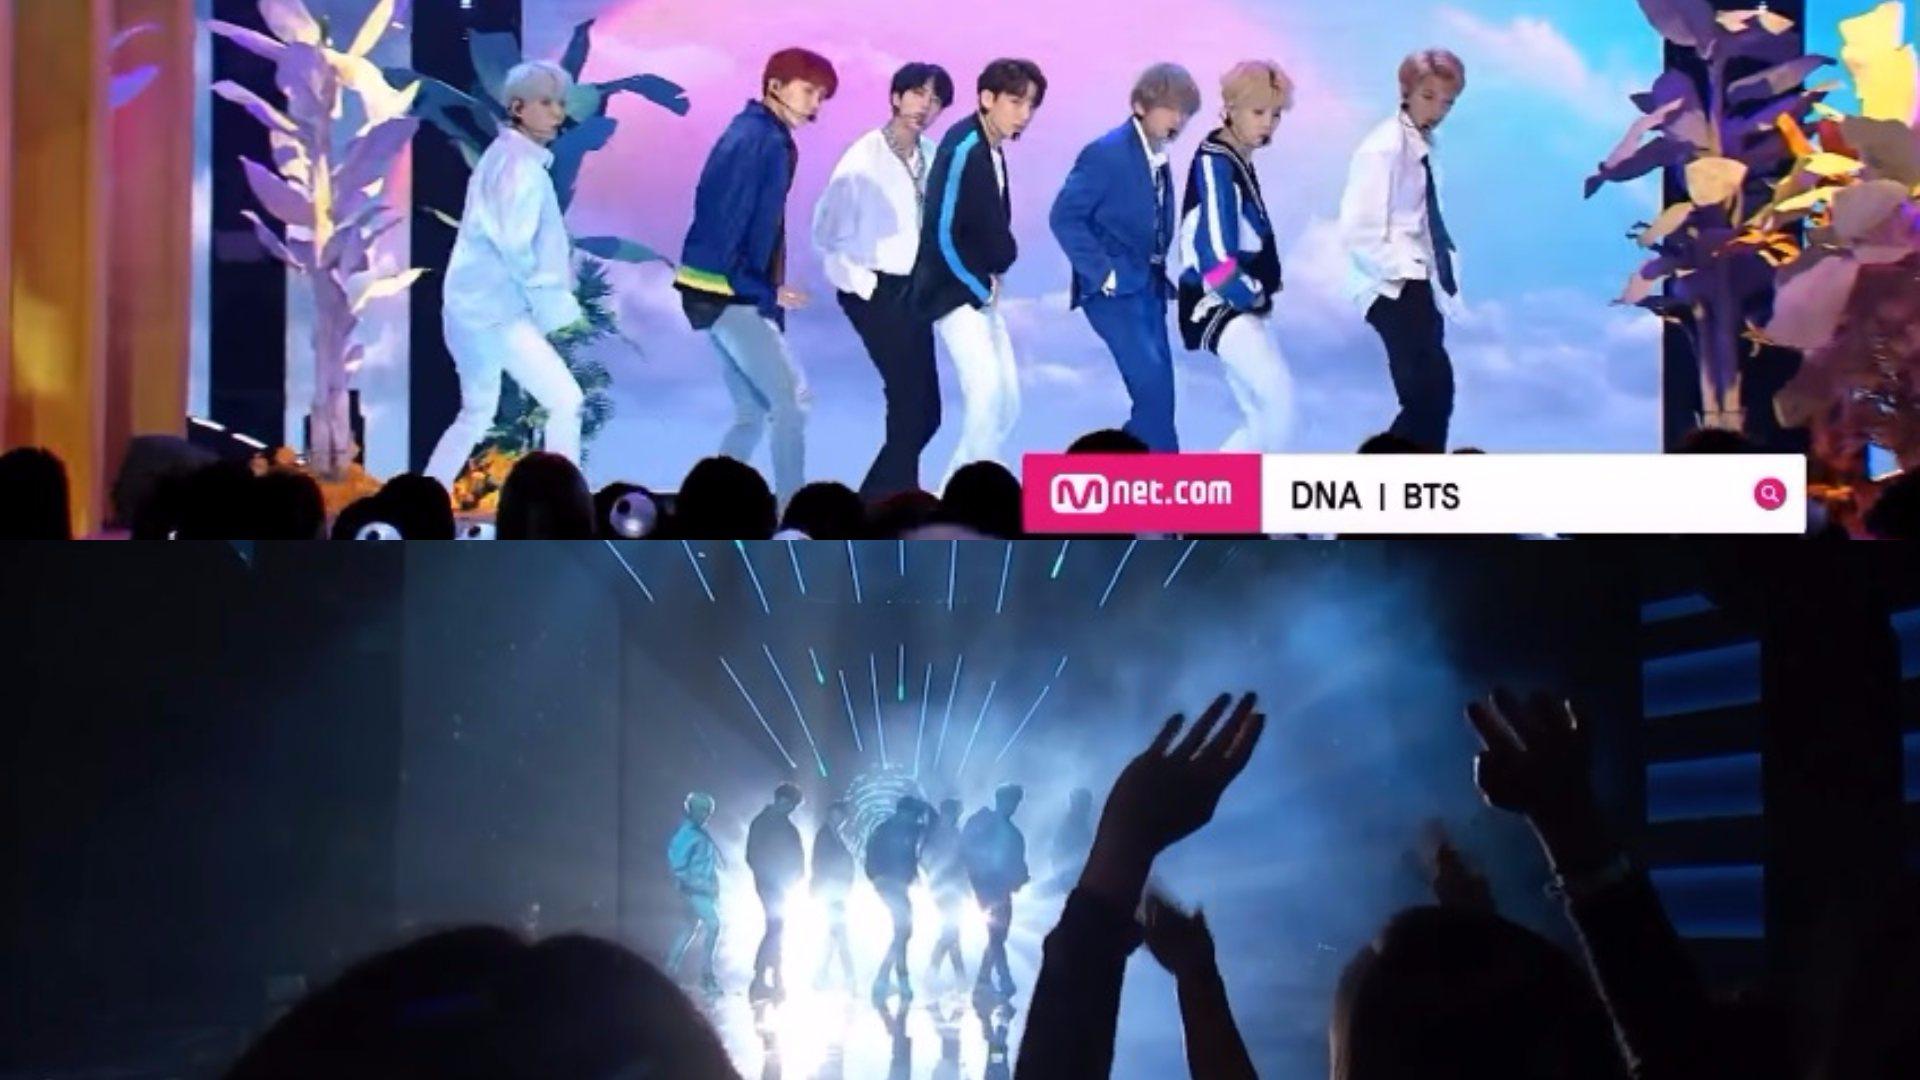 上面是MNET的DNA歌曲一開始的運鏡 下面是美國AMA的運鏡 同樣下面有粉絲的情況下 韓國運鏡明顯清楚